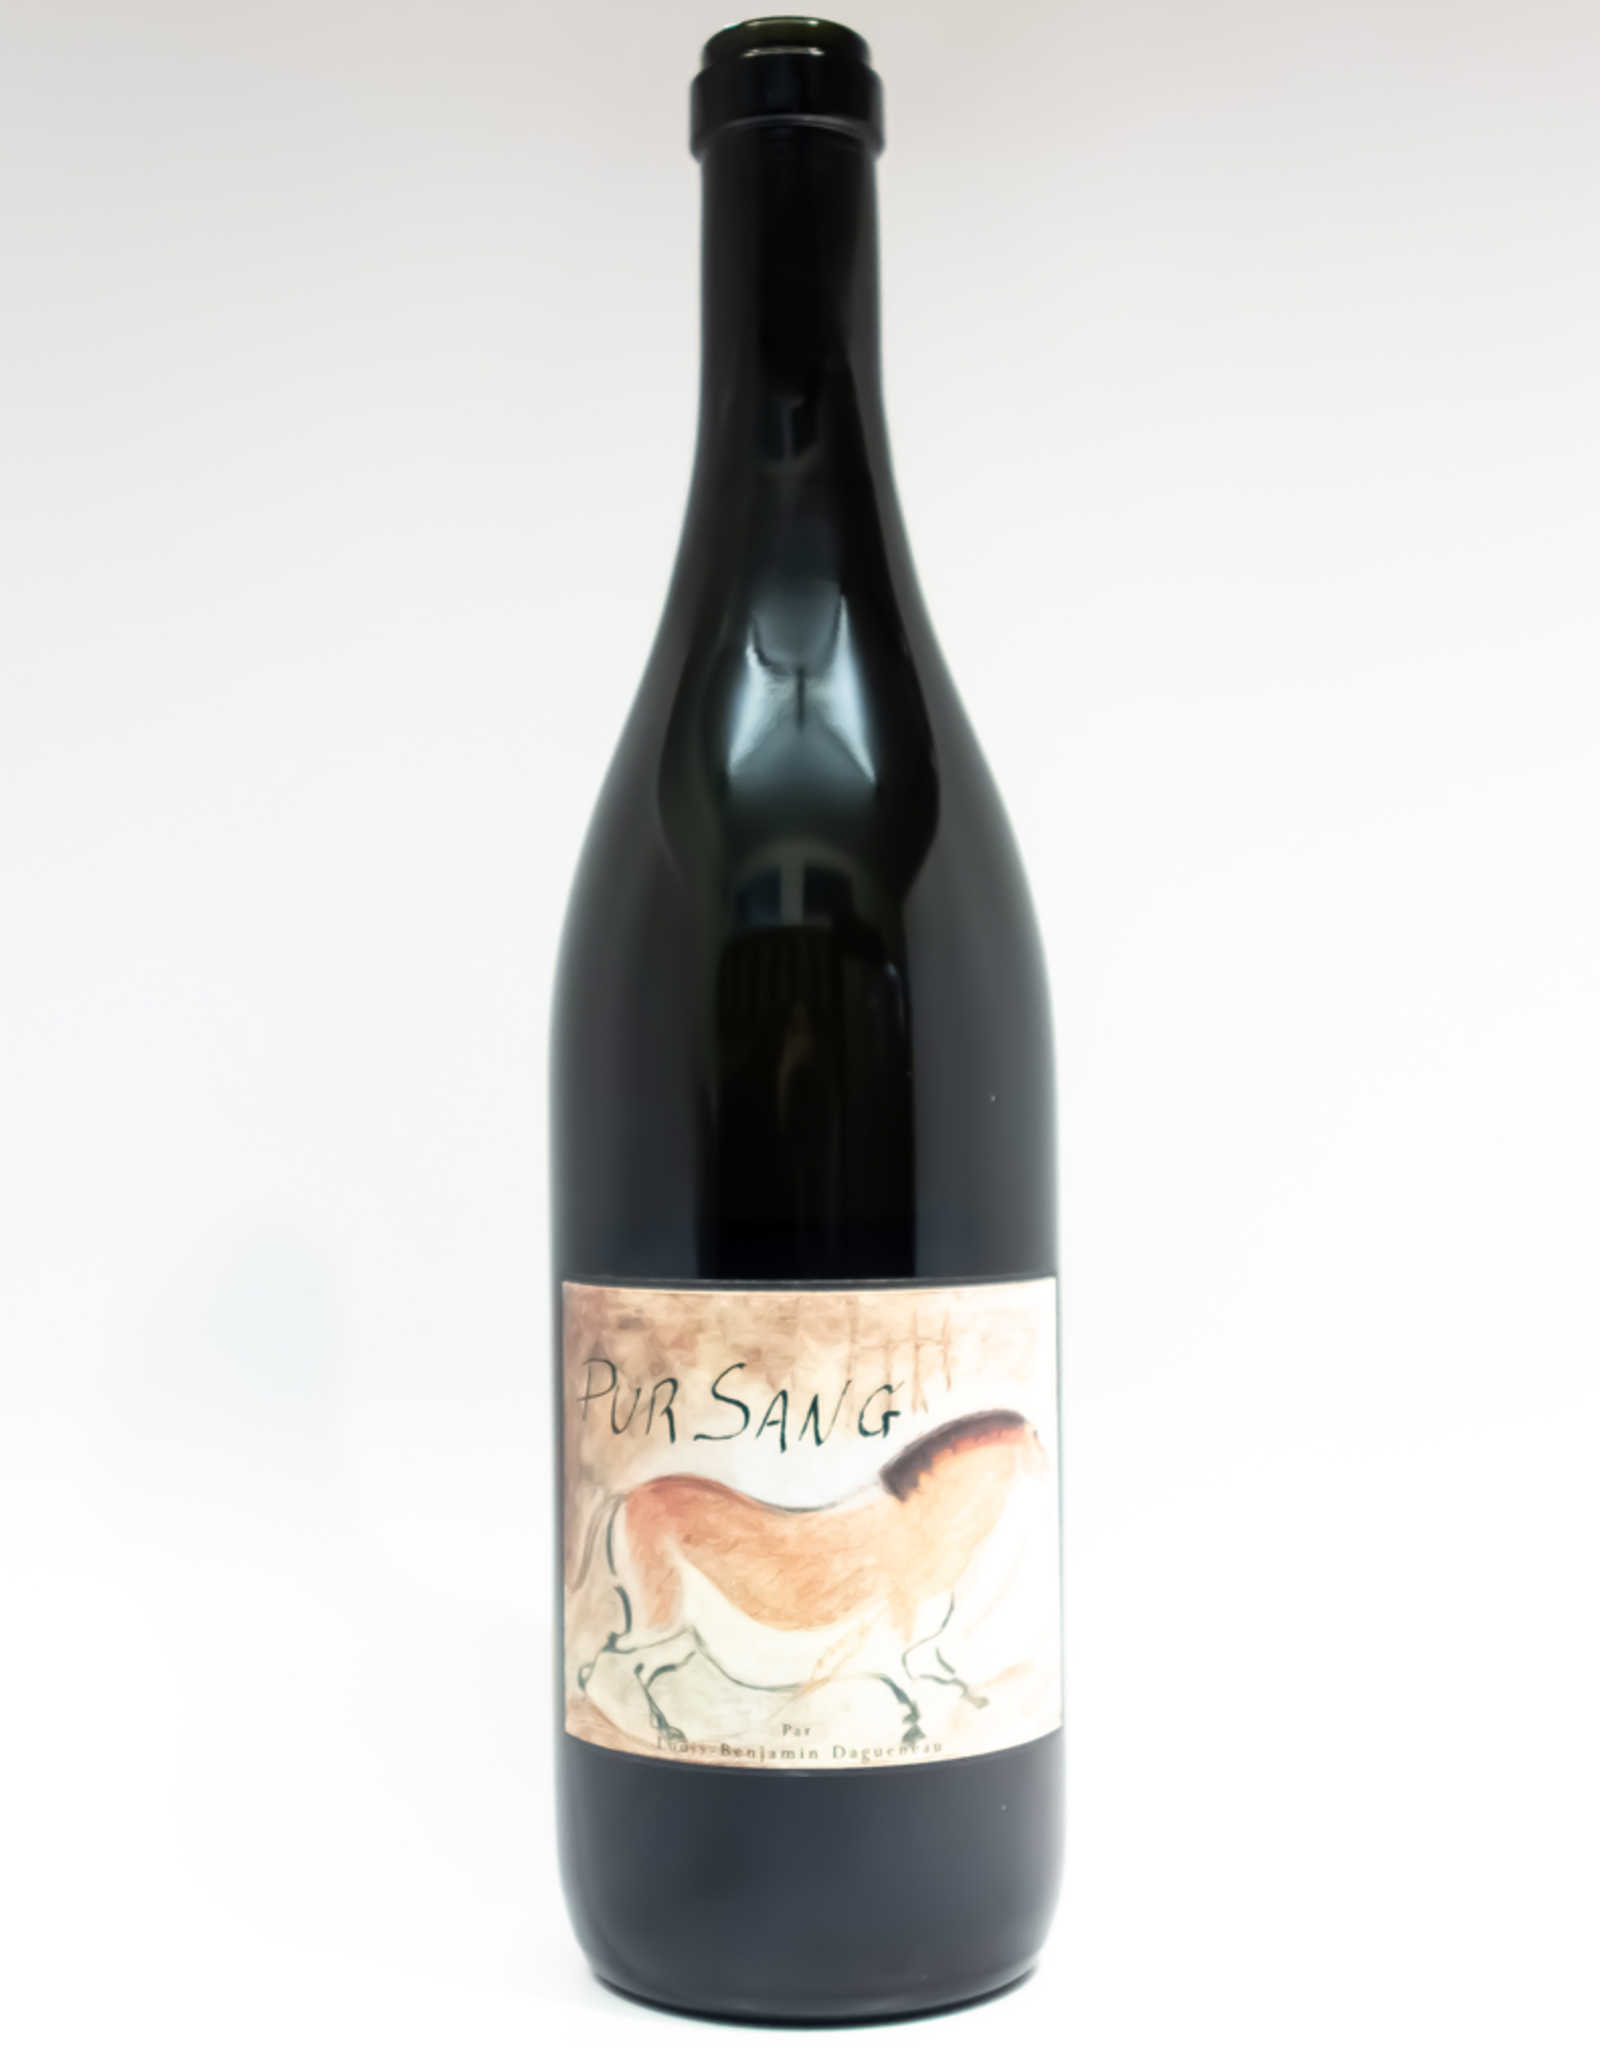 Wine-White-Round Dagueneau 'Pur Sang' Vin de France 2017